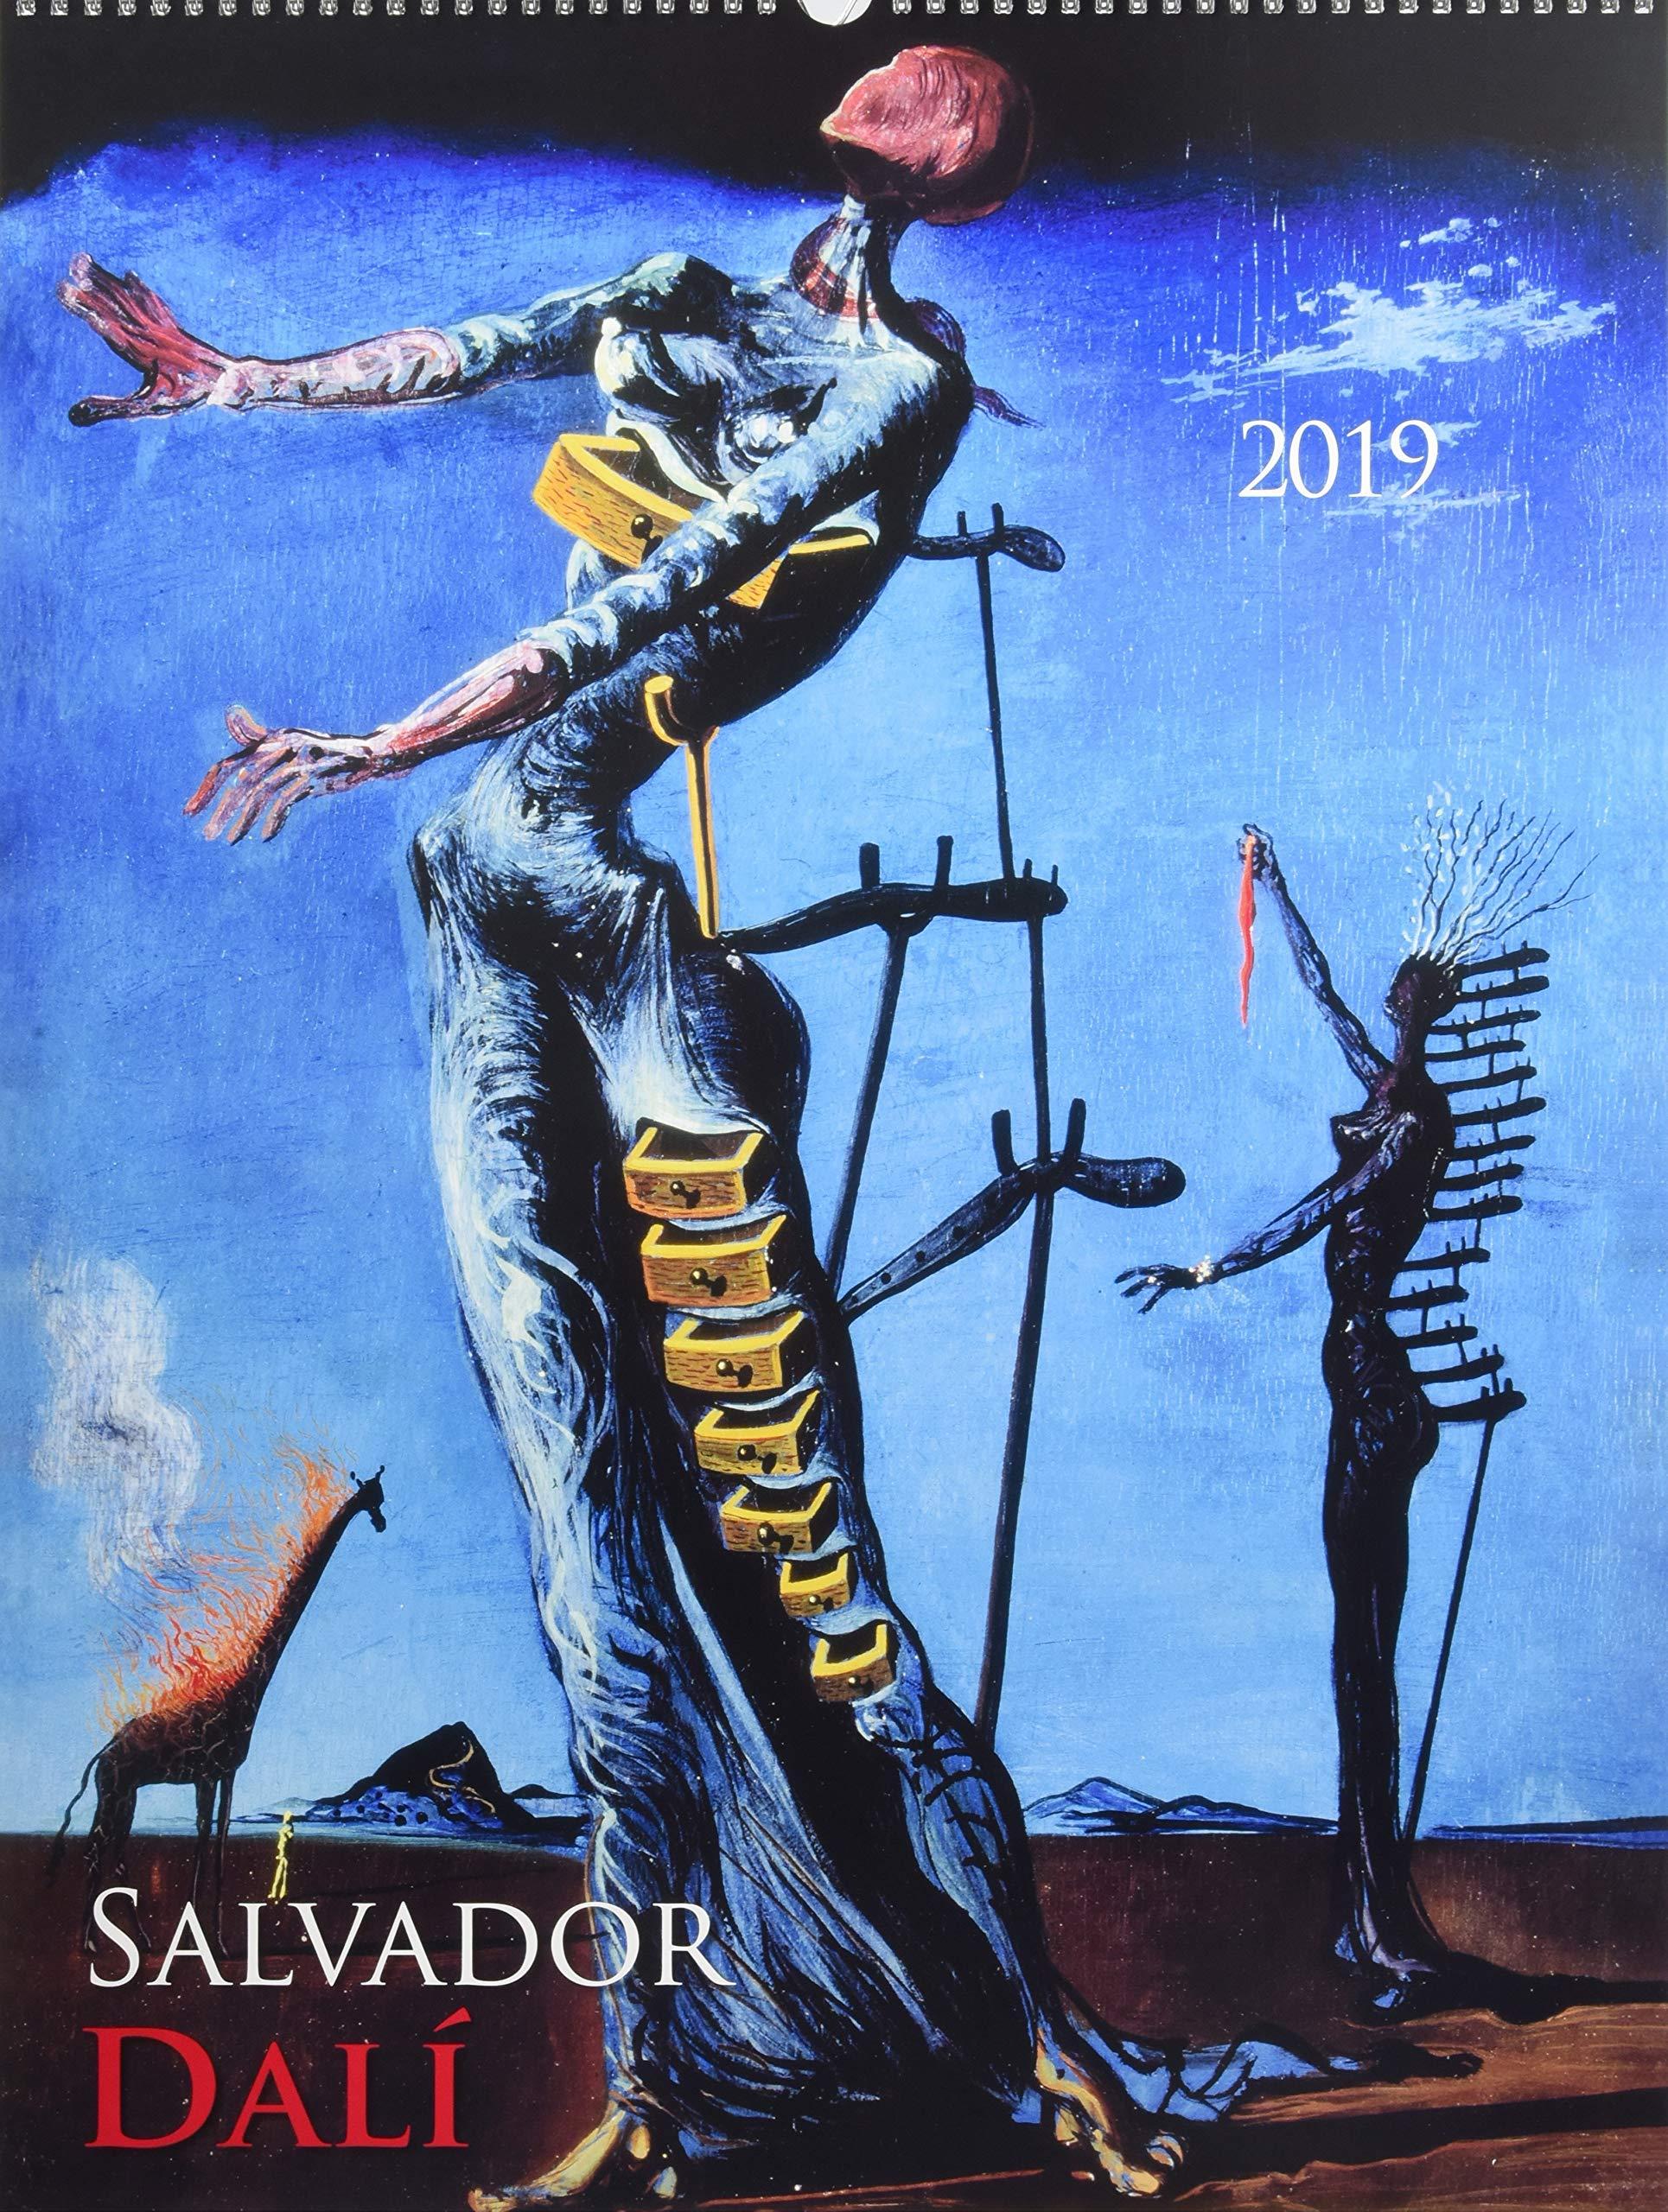 Salvador Dali 2019 - Bildkalender (42 x 56) - Kunstkalender Kalender – Posterkalender, Wandkalender ALPHA EDITION 3840794129 19.0412 Bildende Kunst